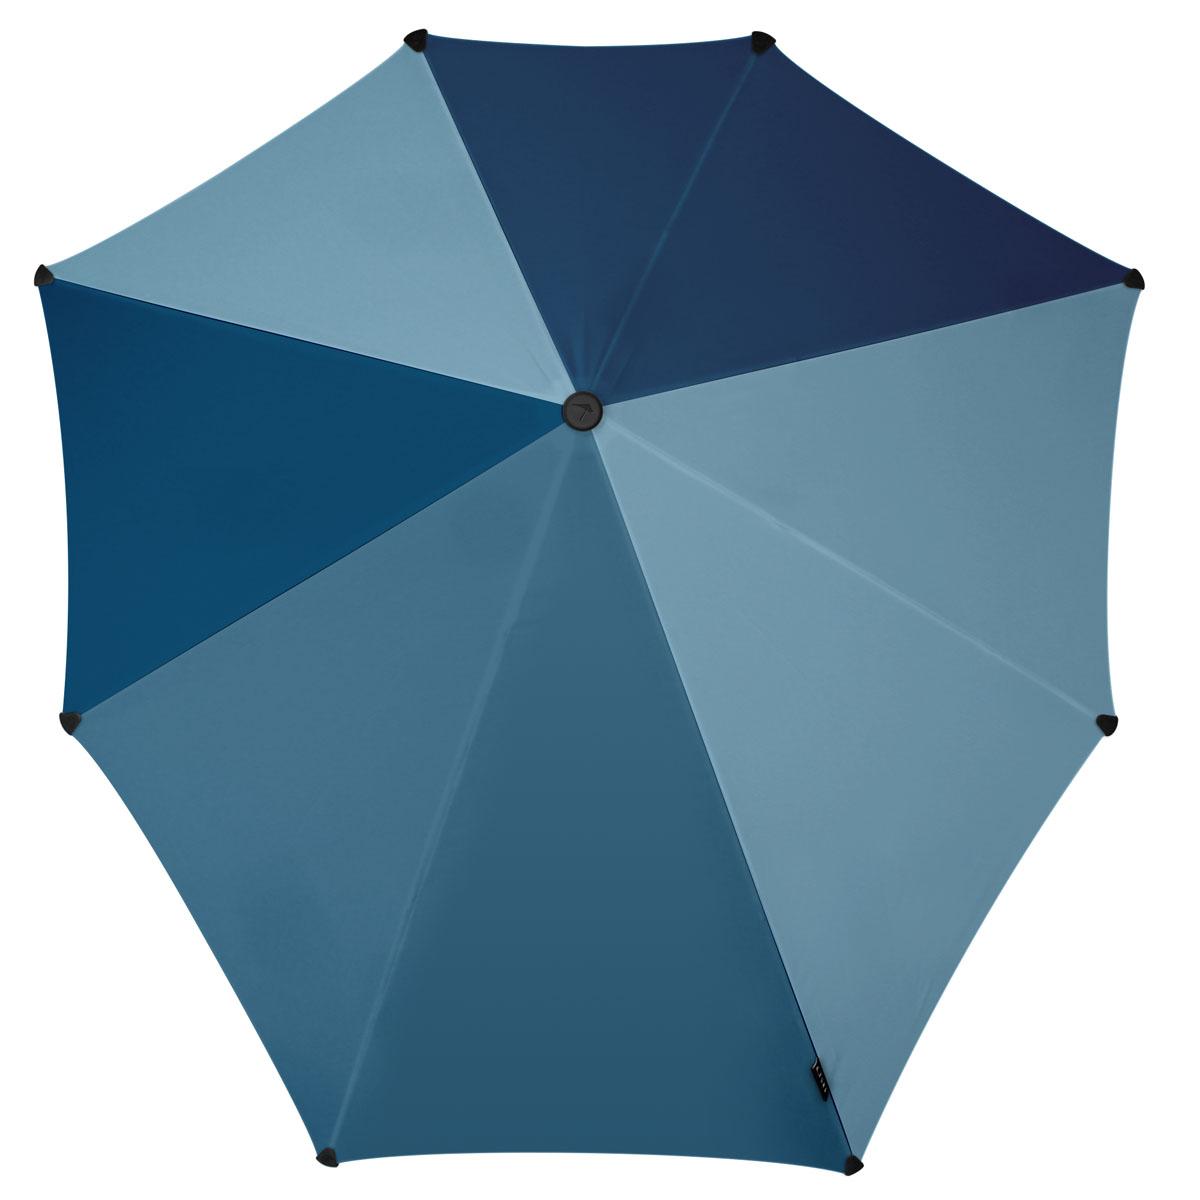 Зонт-трость Senz, цвет: темно-синий. 20110822011082Инновационный противоштормовый зонт, выдерживающий любую непогоду. Входит в коллекцию global playground, разработанную в соответствии с современными течениями fashion-индустрии. Вдохновением для дизайнеров стали улицы городов по всему земному шару. На новых принтах вы встретите уникальный микс всего, что мы открываем для себя во время путешествий: разнообразие оттенков, цветов, теней, линий и форм. Зонт Senz отлично дополнит образ, подчеркнет индивидуальность и вкус своего обладателя. Форма купола продумана так, что вы легко найдете самое удобное положение на ветру – без паники и без борьбы со стихией. Закрывает спину от дождя. Благодаря своей усовершенствованной конструкции, зонт не выворачивается наизнанку даже при сильном ветре. Модель Senz Original выдержала испытания в аэротрубе со скоростью ветра 100 км/ч. Характеристики: - тип — трость - выдерживает порывы ветра до 100 км/ч - УФ-защита 50+ - удобная мягкая ручка - безопасные...